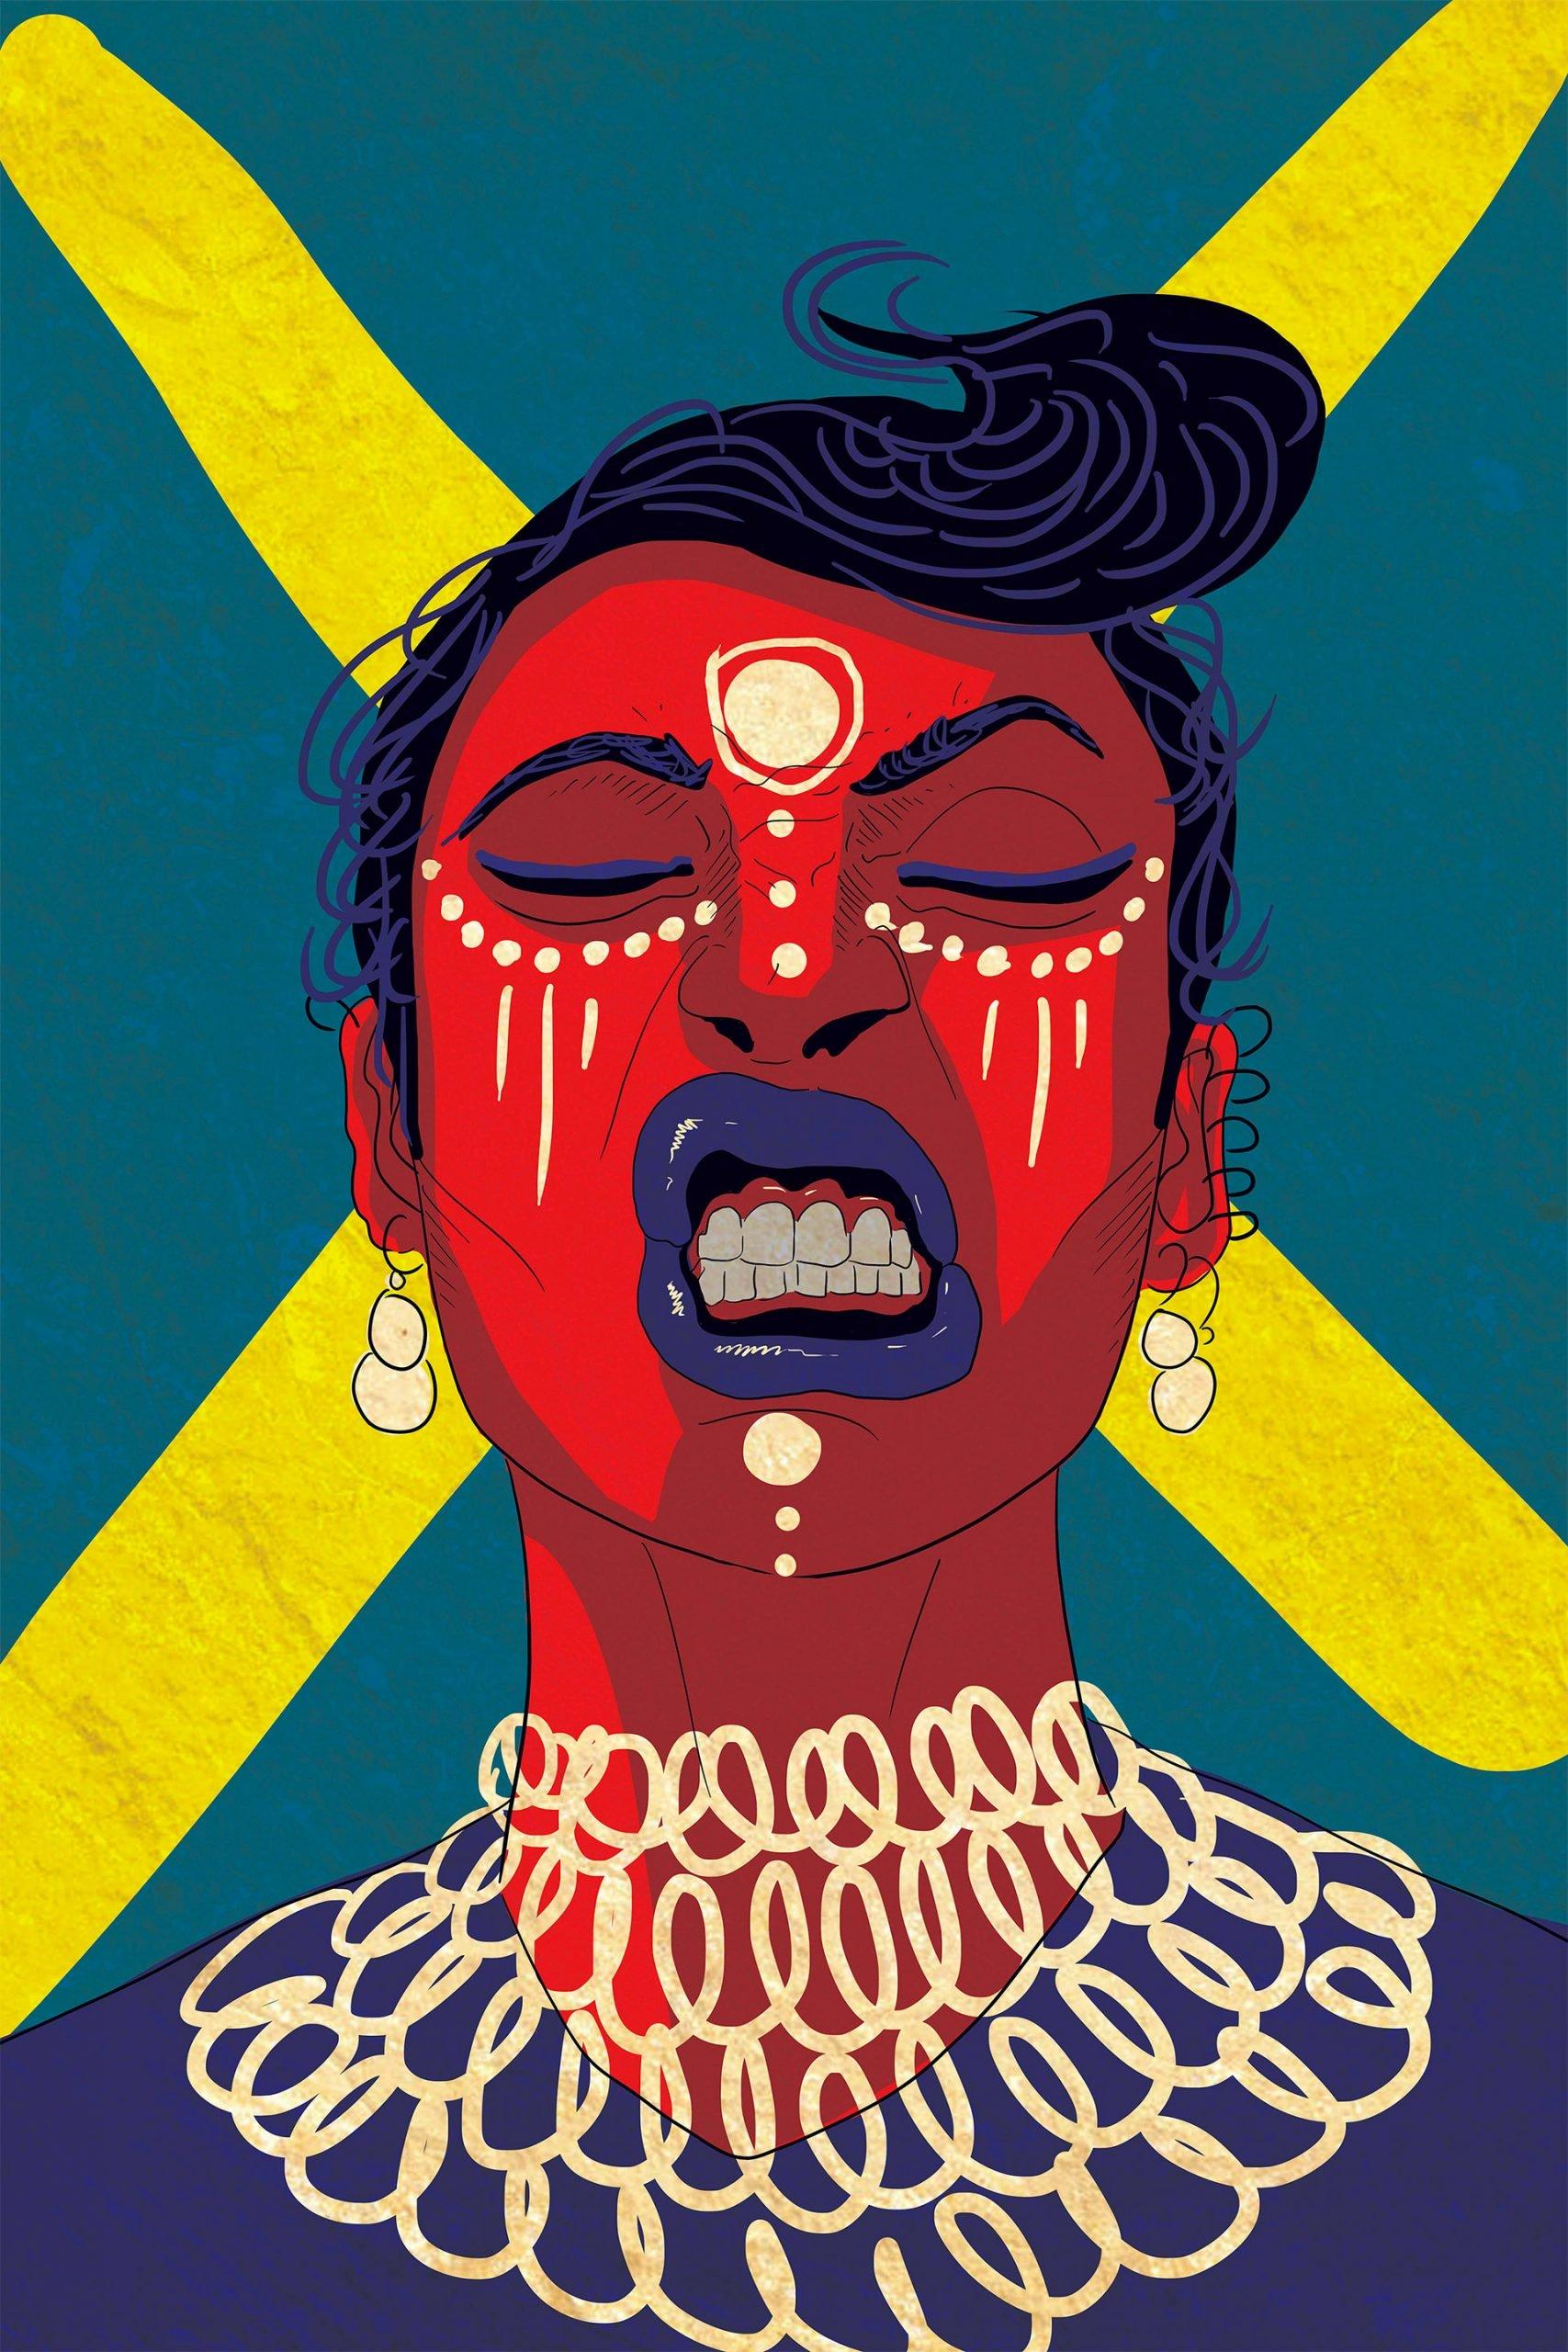 体育资讯_巴基斯坦艺术家Amara Sikander女性人物肖像插画 - 设计之家